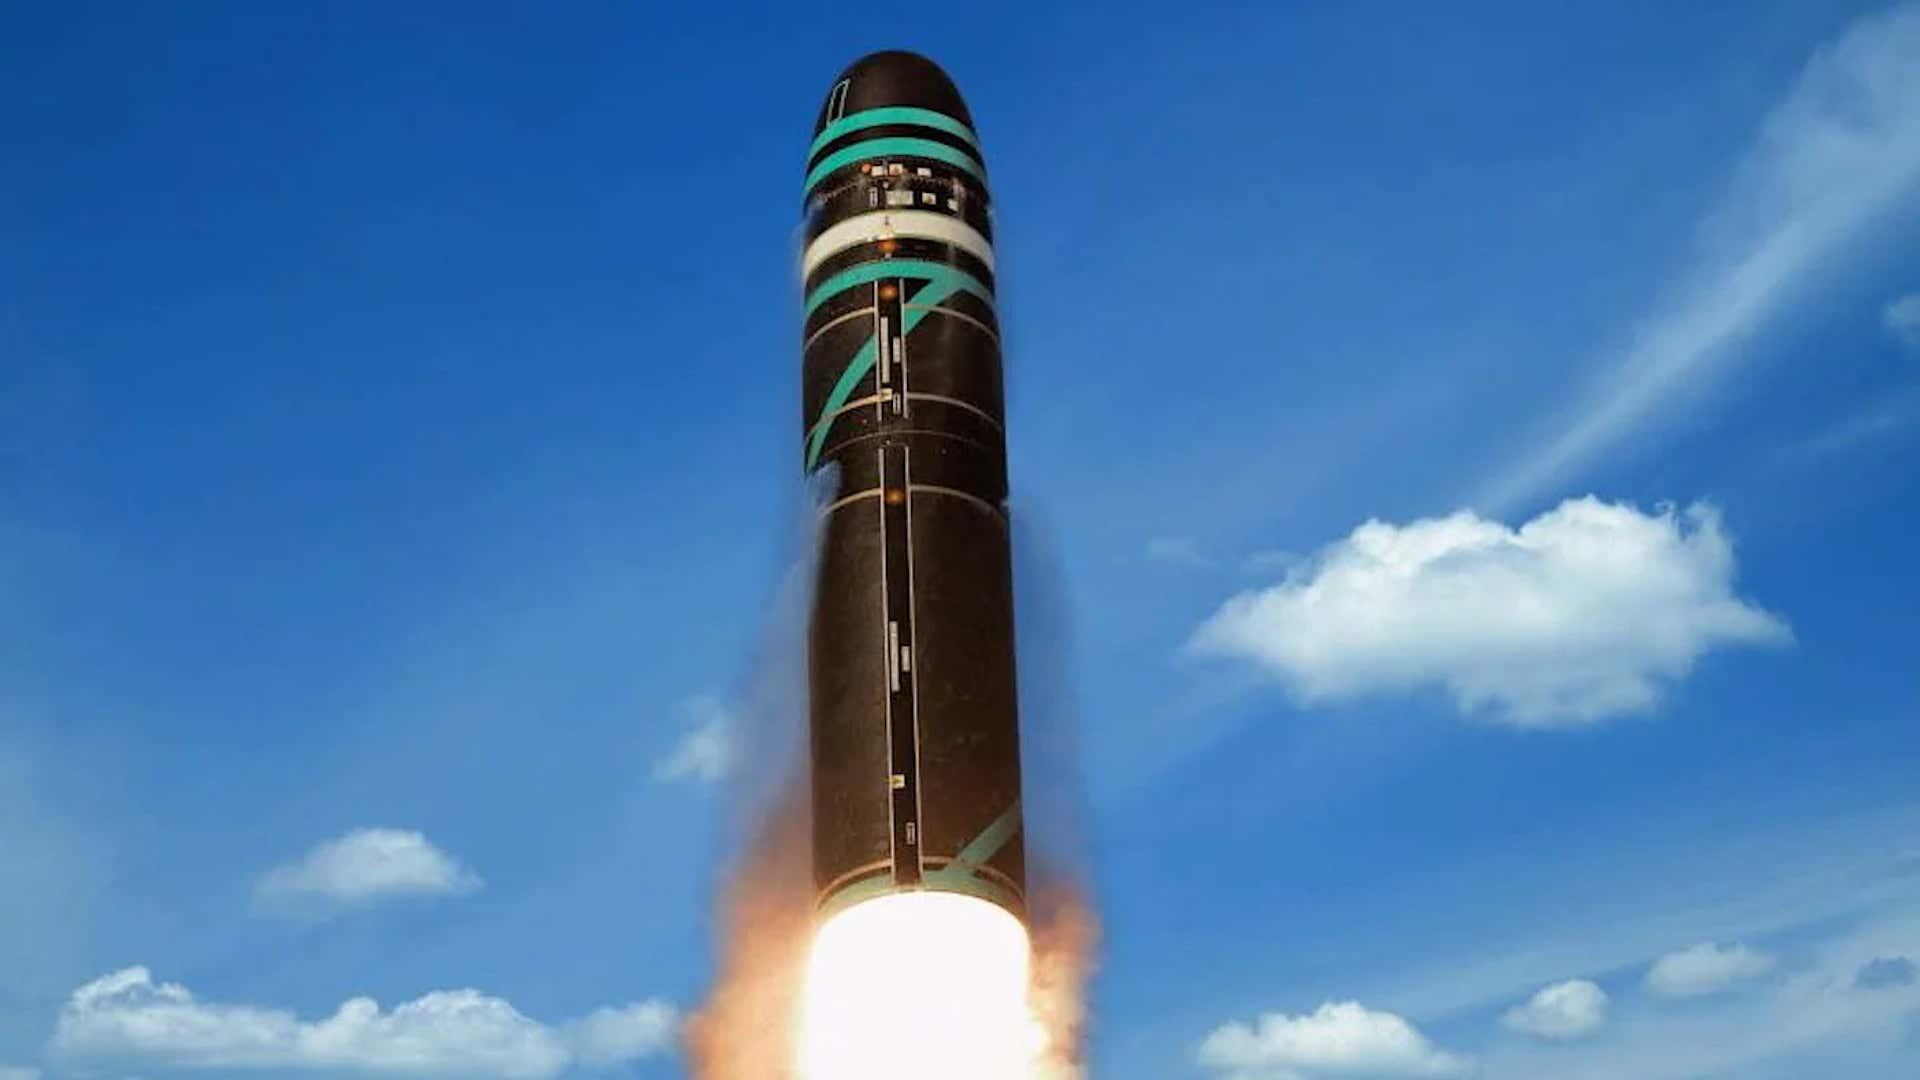 Η Γαλλία «υπενθυμίζει» την πυρηνική της δύναμη με εκτόξευση βαλλιστικού πυραύλου! (video)